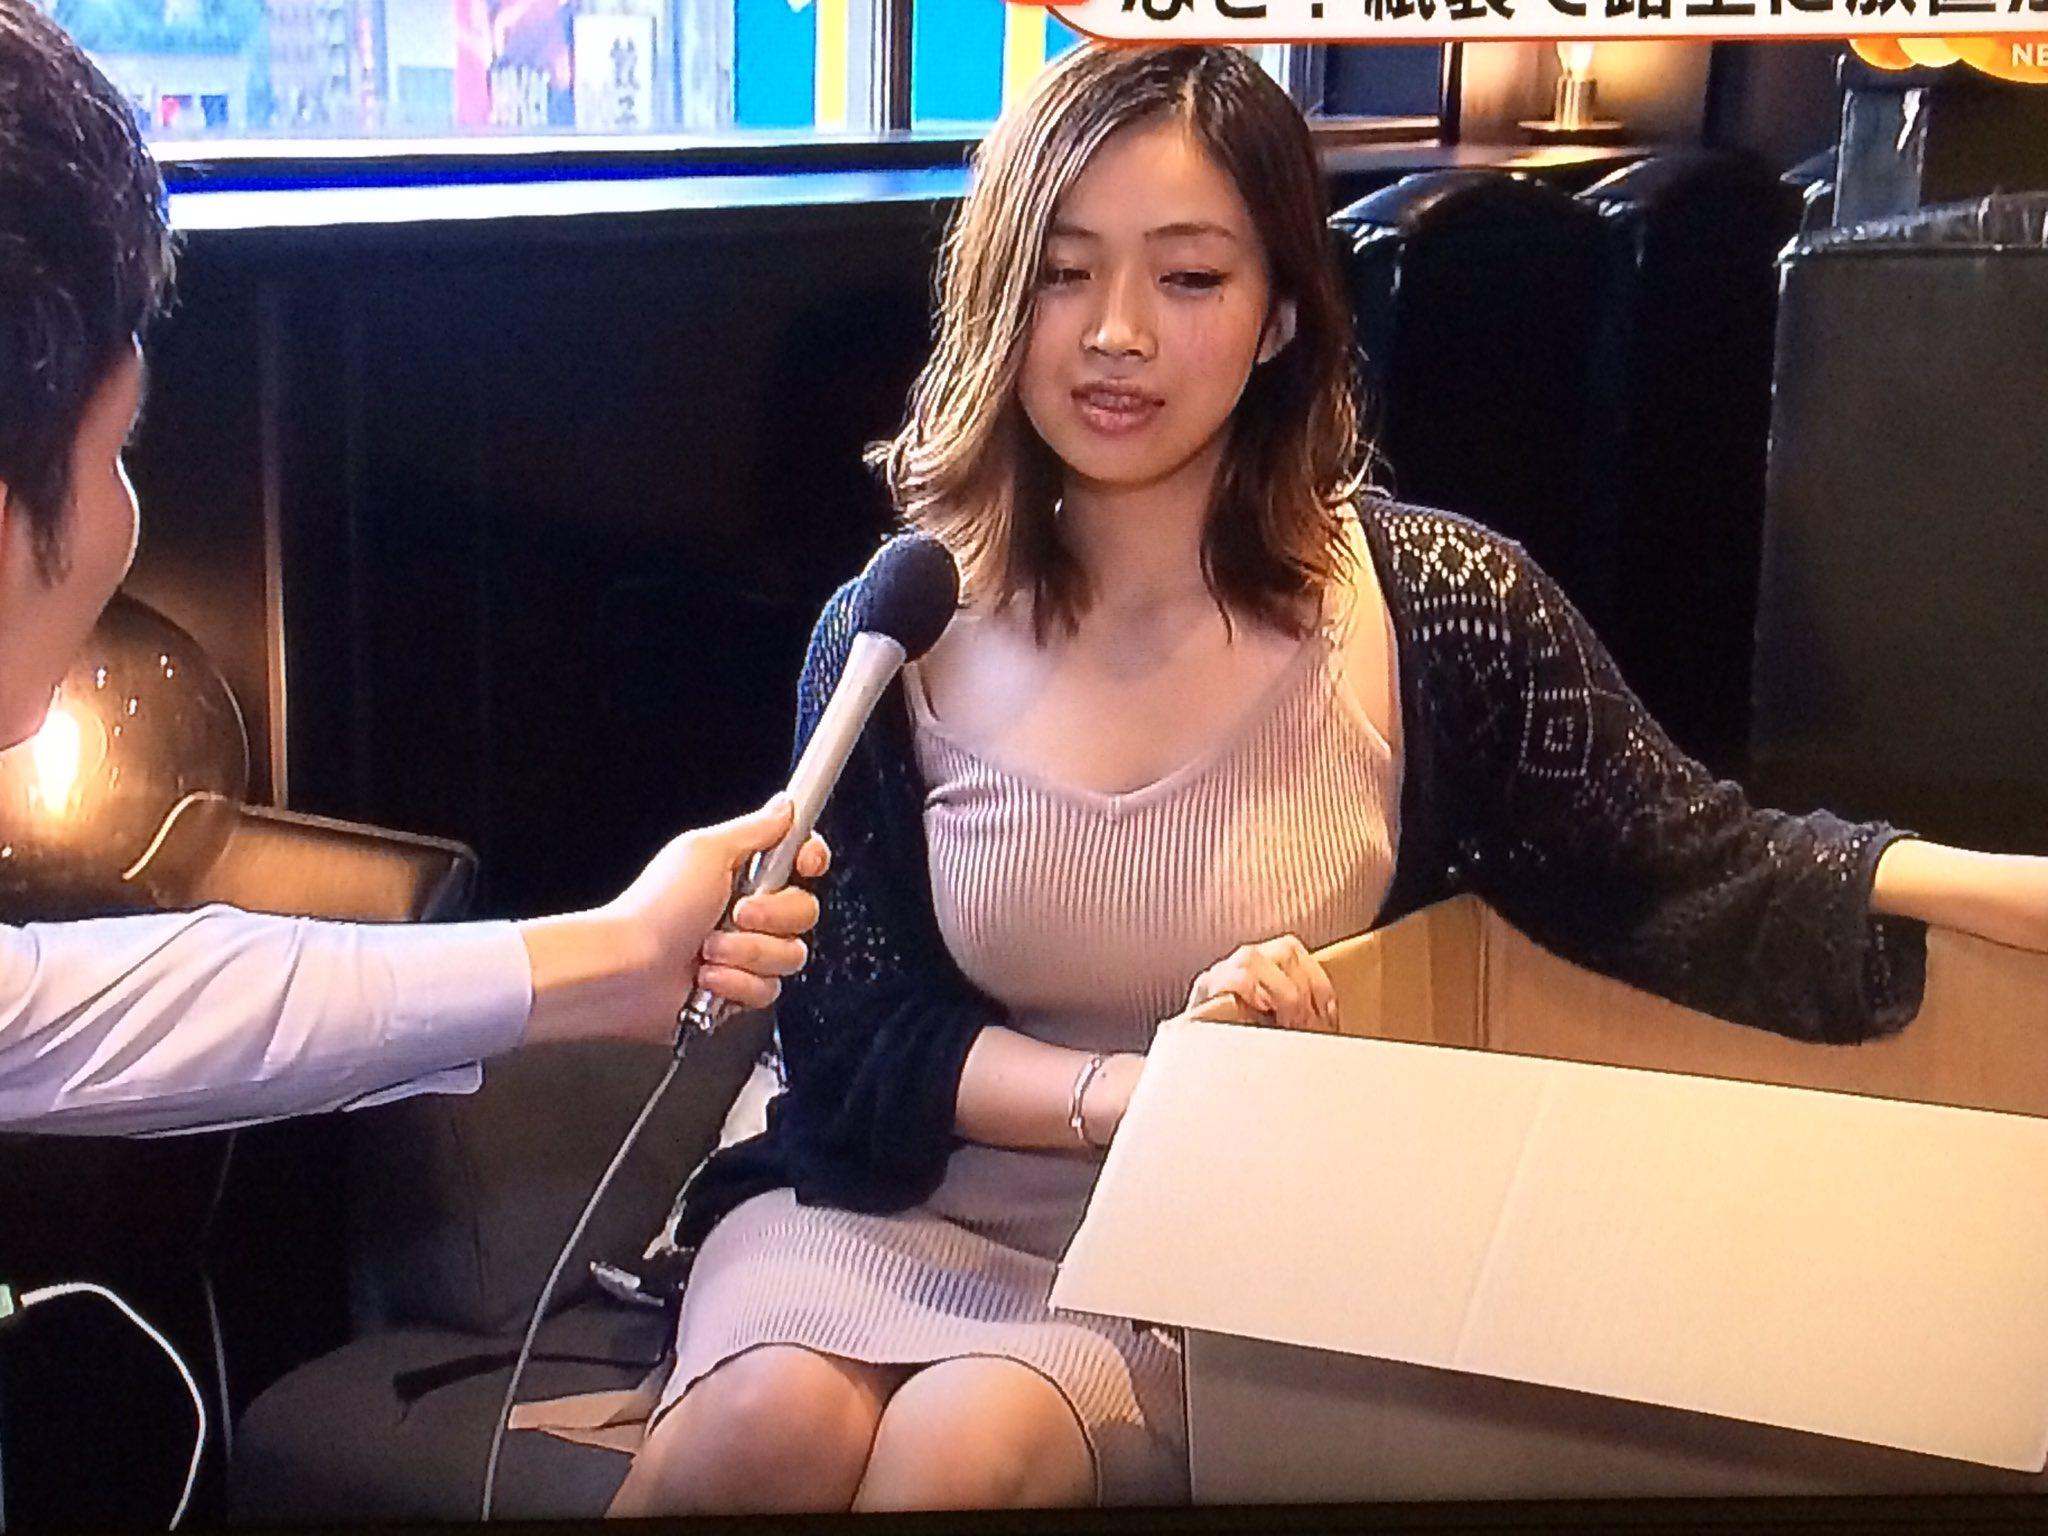 新宿でハムスター10匹拾ったお姉さんがめちゃくちゃ色っぽいと話題に